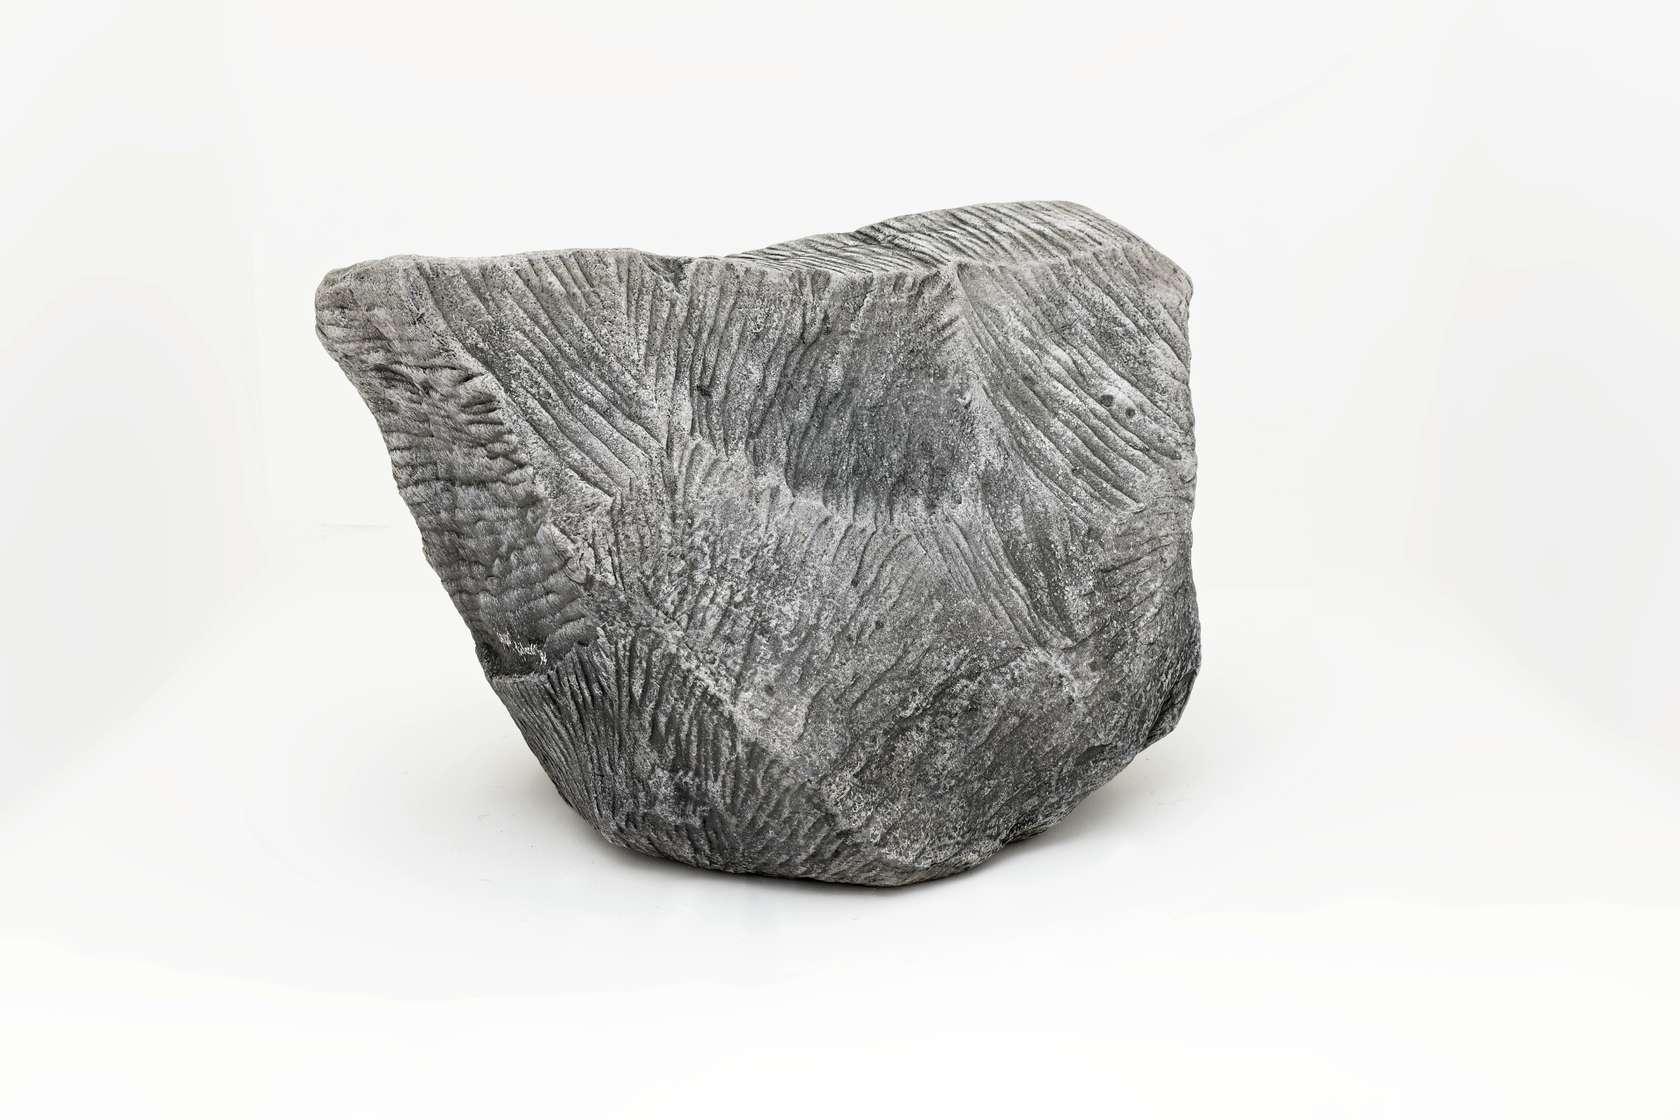 Piero Gilardi, Grigio, 1994 Mousse de polyuréthane et dispositif éléctronique sonore78 x 105 x 70cm / 30 6/8 x 41 3/8 x 27 1/2inches